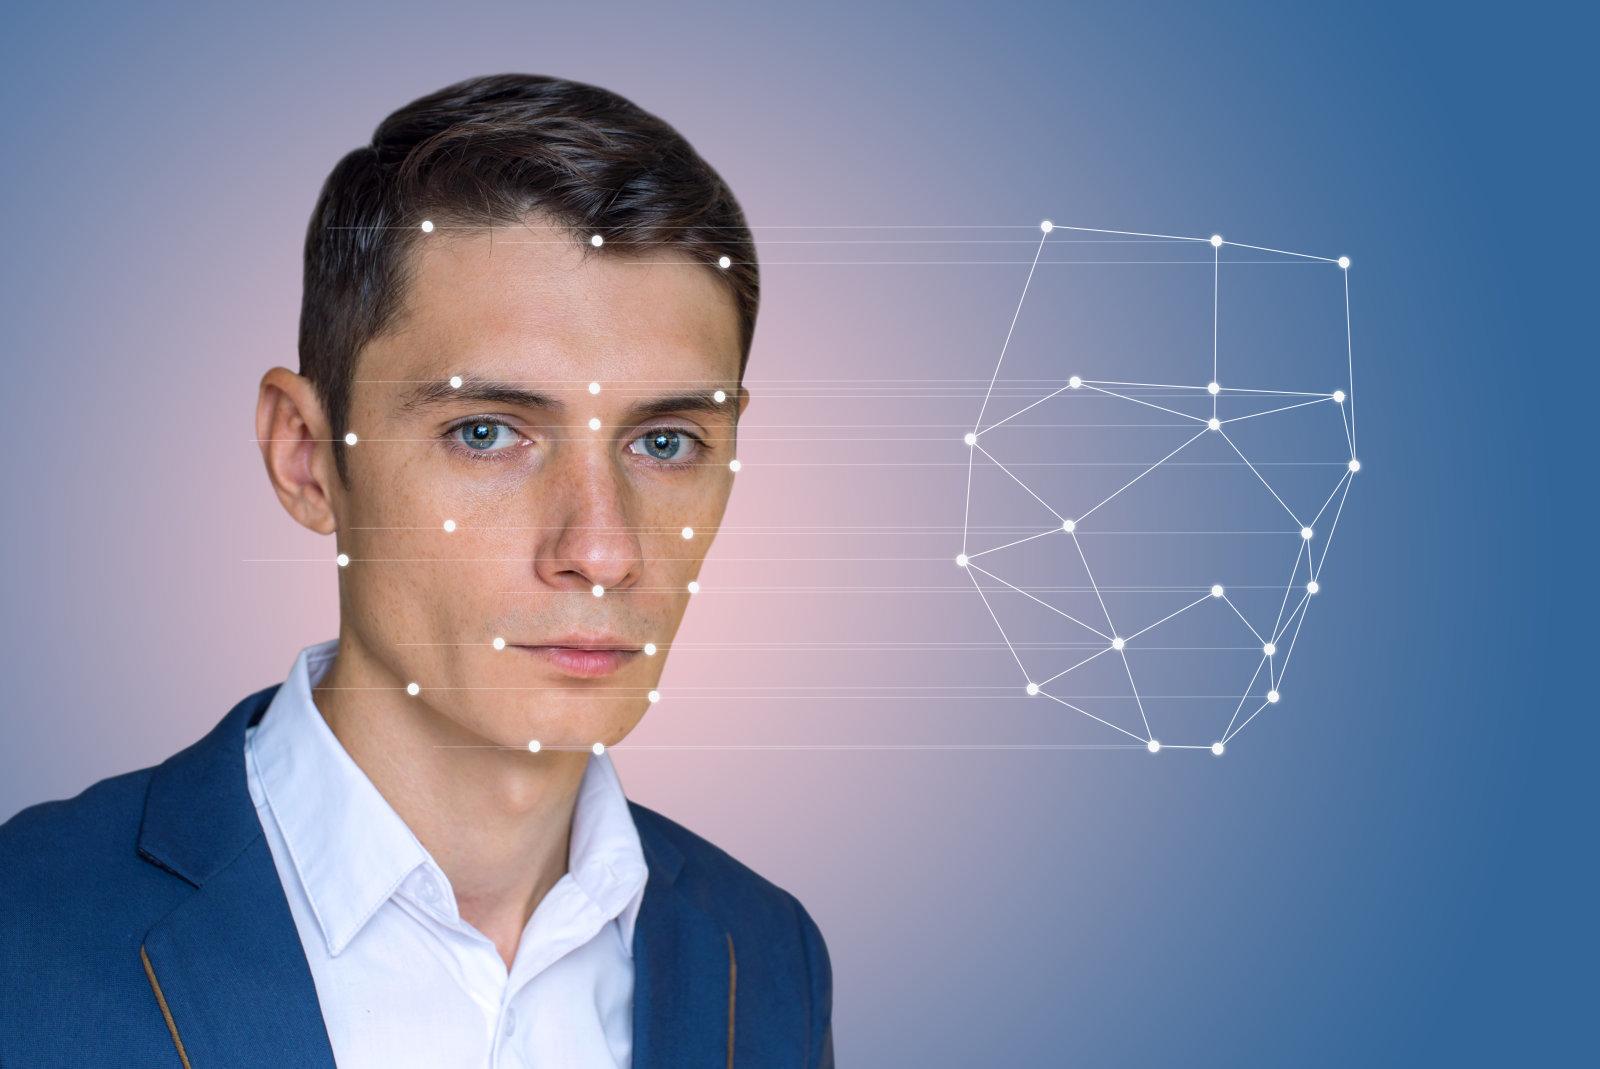 Facebook údajně testuje rozpoznávání obličeje pro obnovení účtu